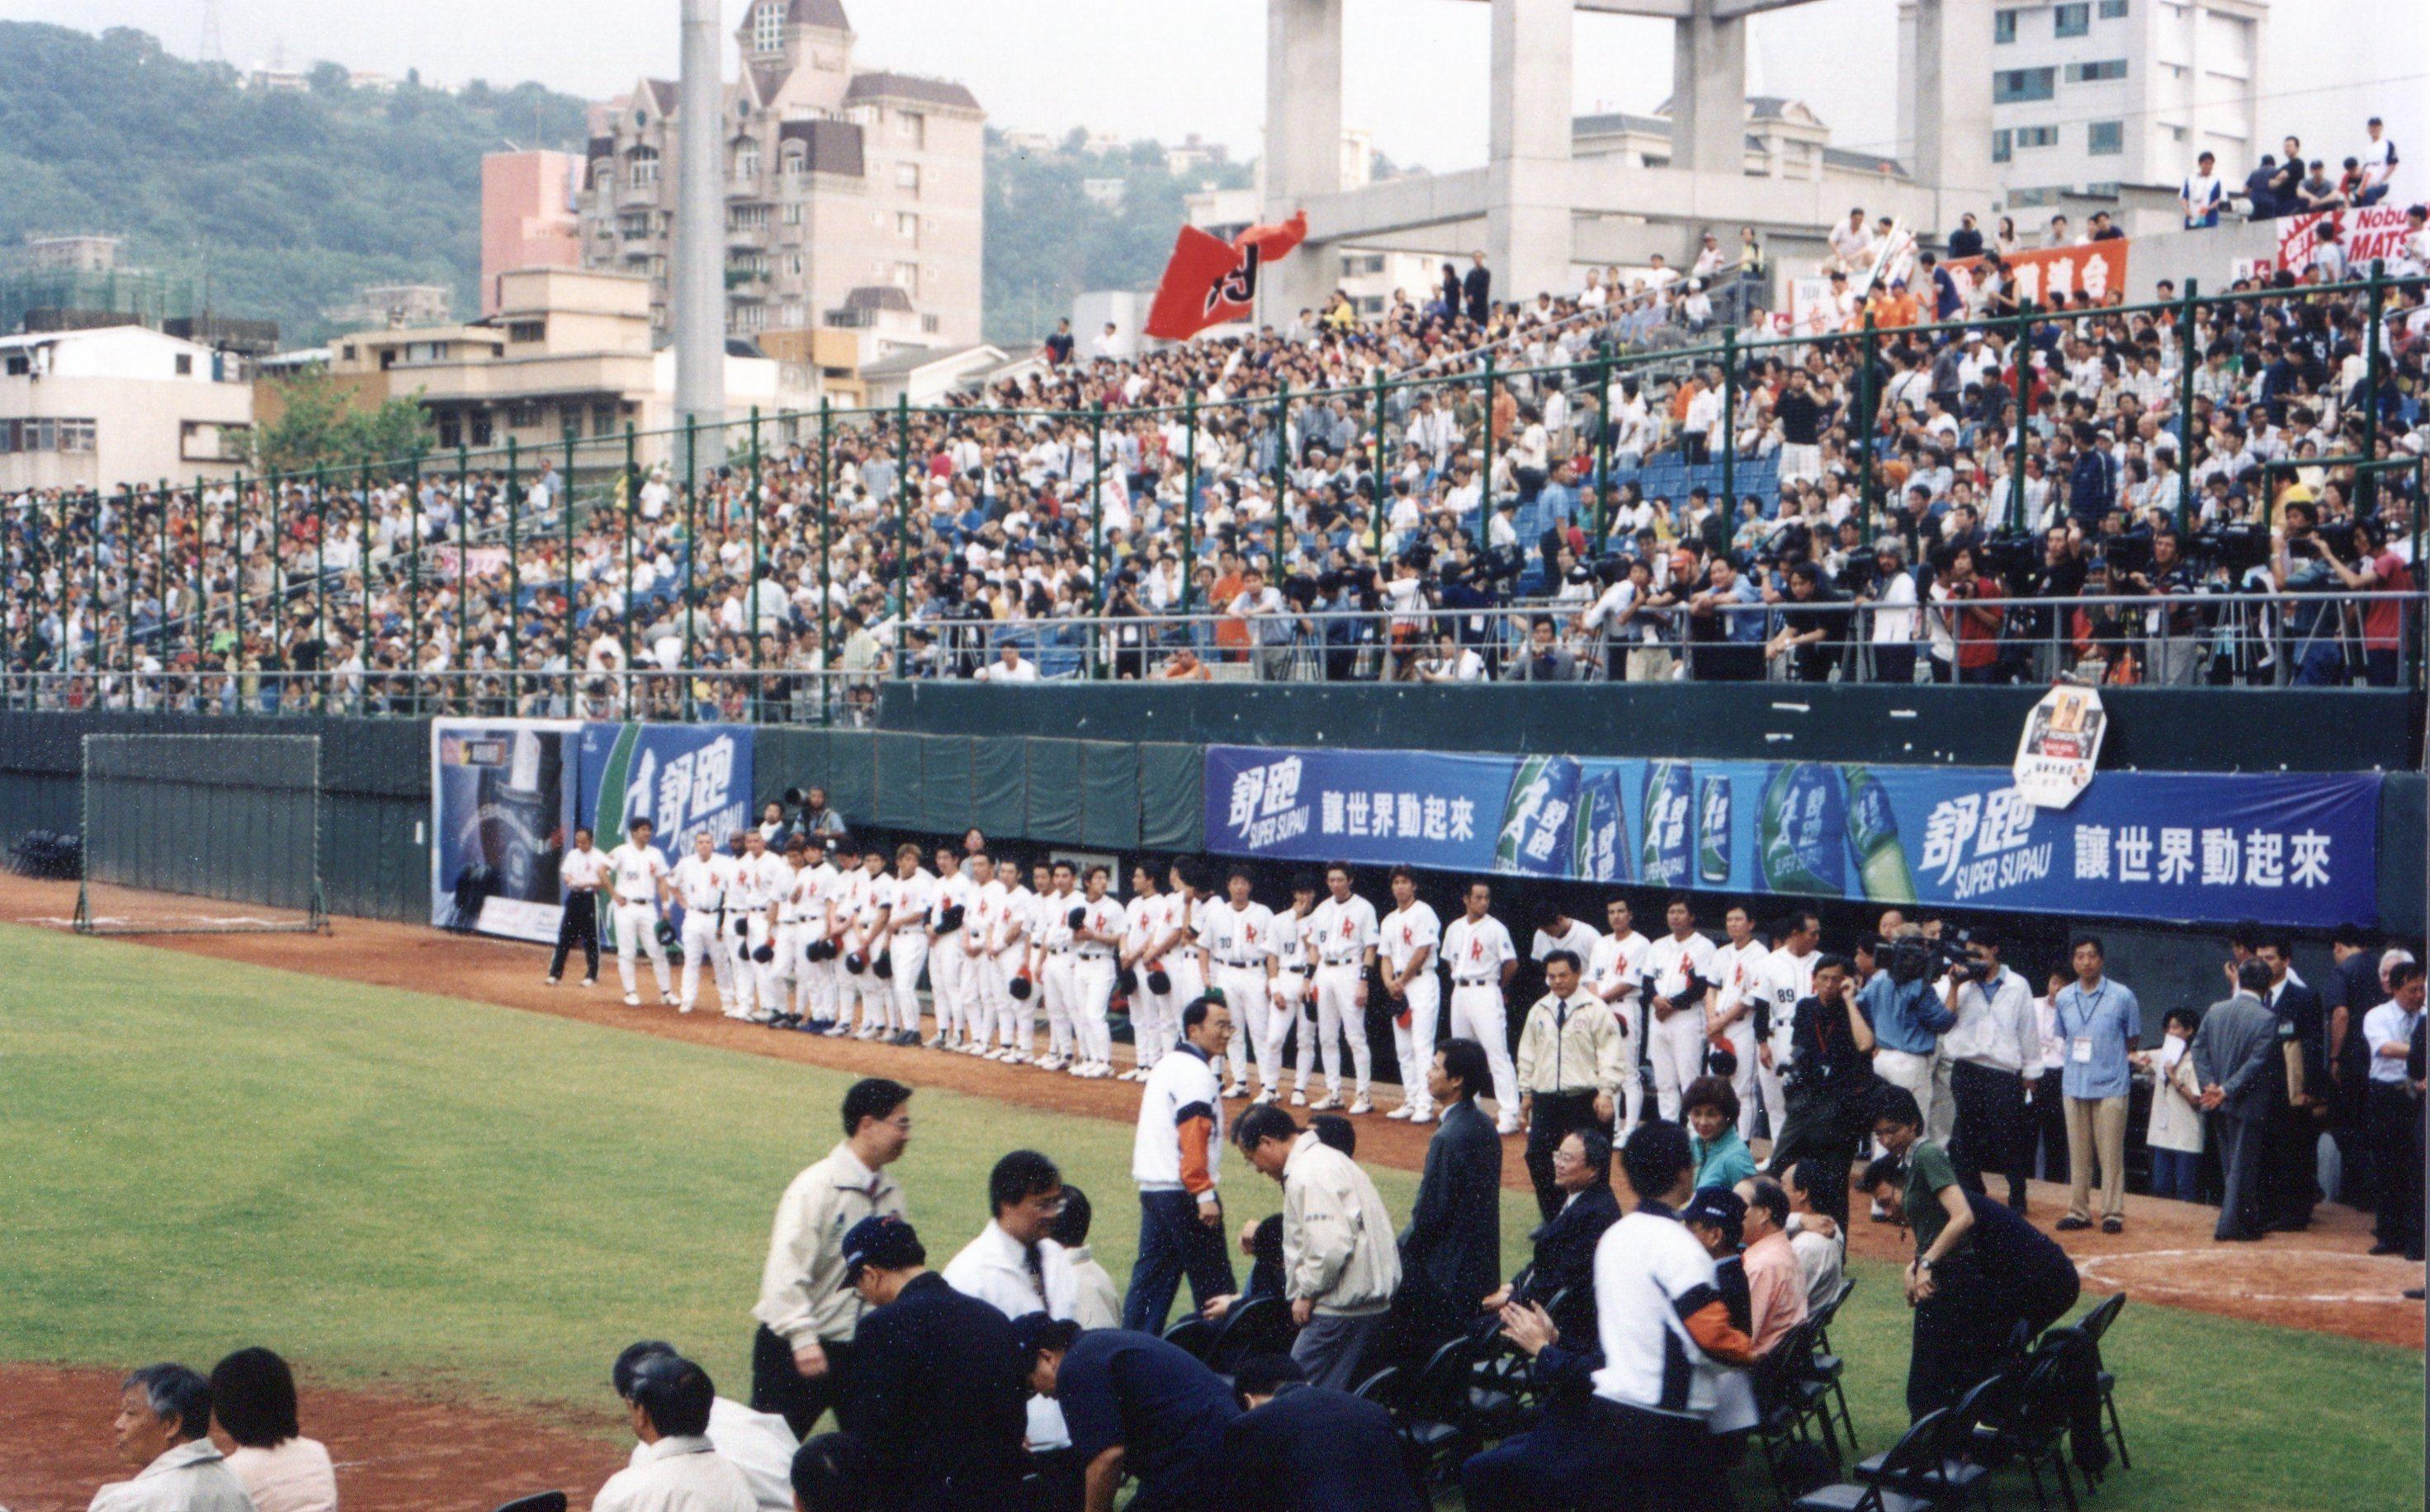 日台間の野球を通じた交流は盛んに行われている。2002年には、戦後初の国外公式戦となるダイエー対オリックス戦が台北の天母球場で行われた。